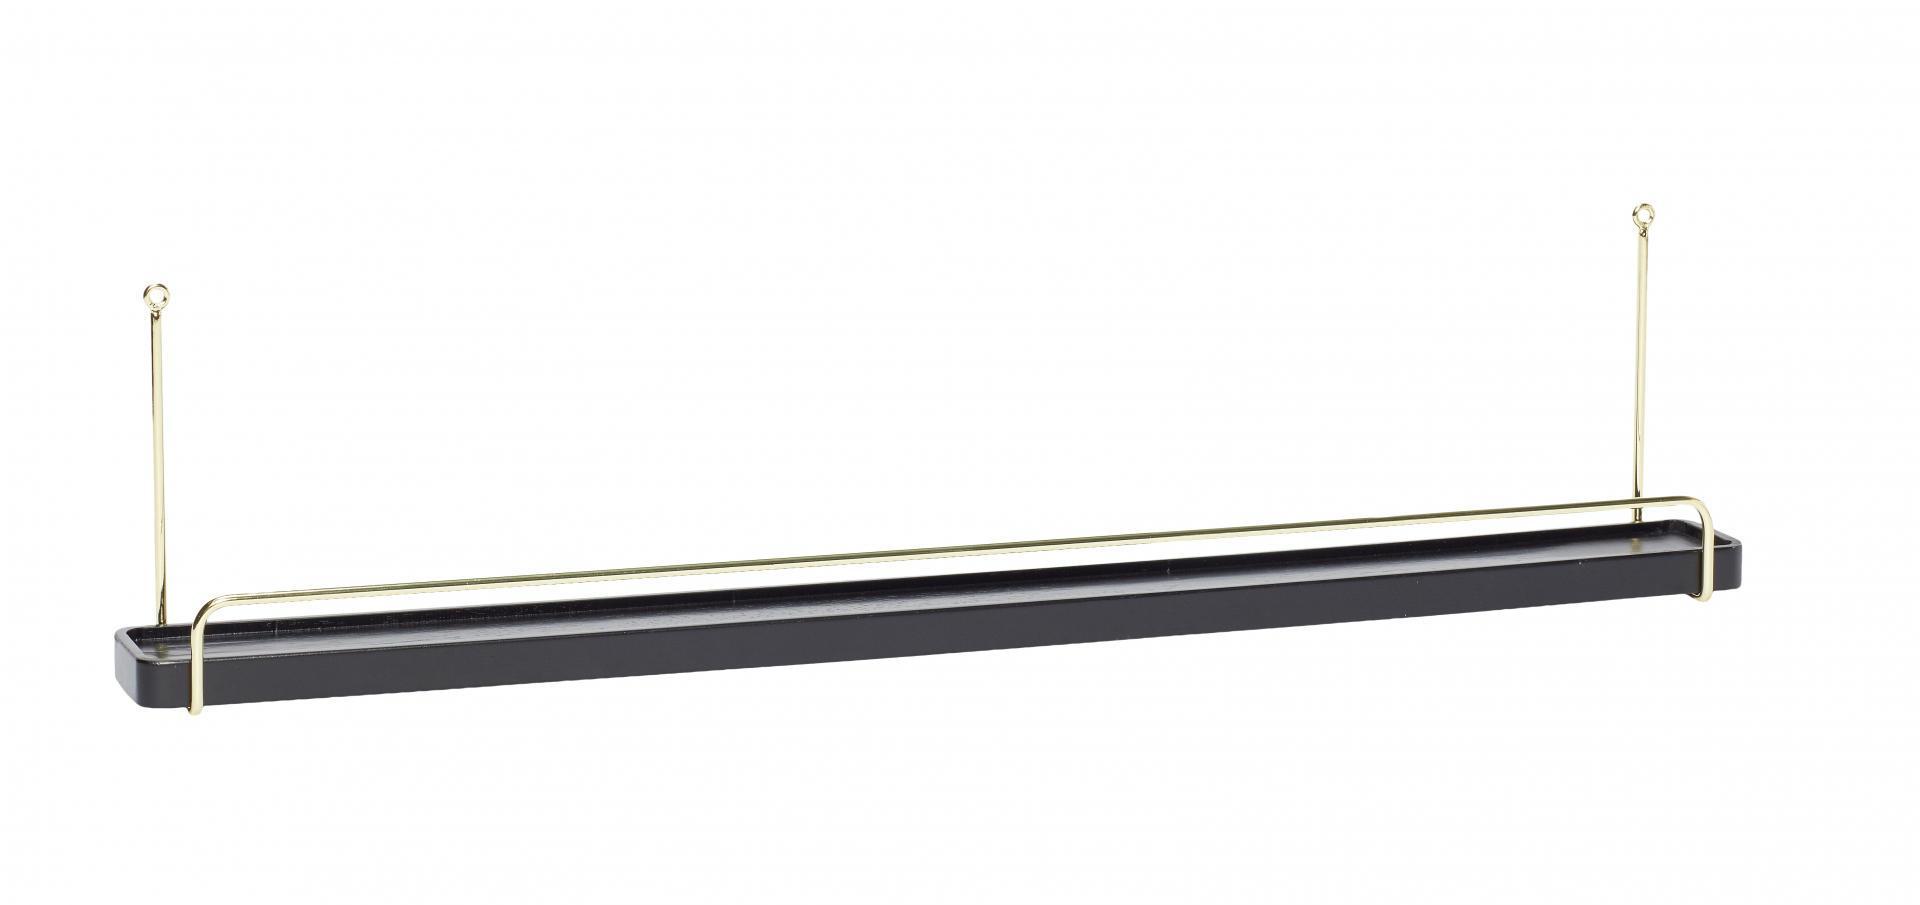 Hübsch Dřevěná polička s kovovými držáky Black and Brass, černá barva, zlatá barva, dřevo, kov